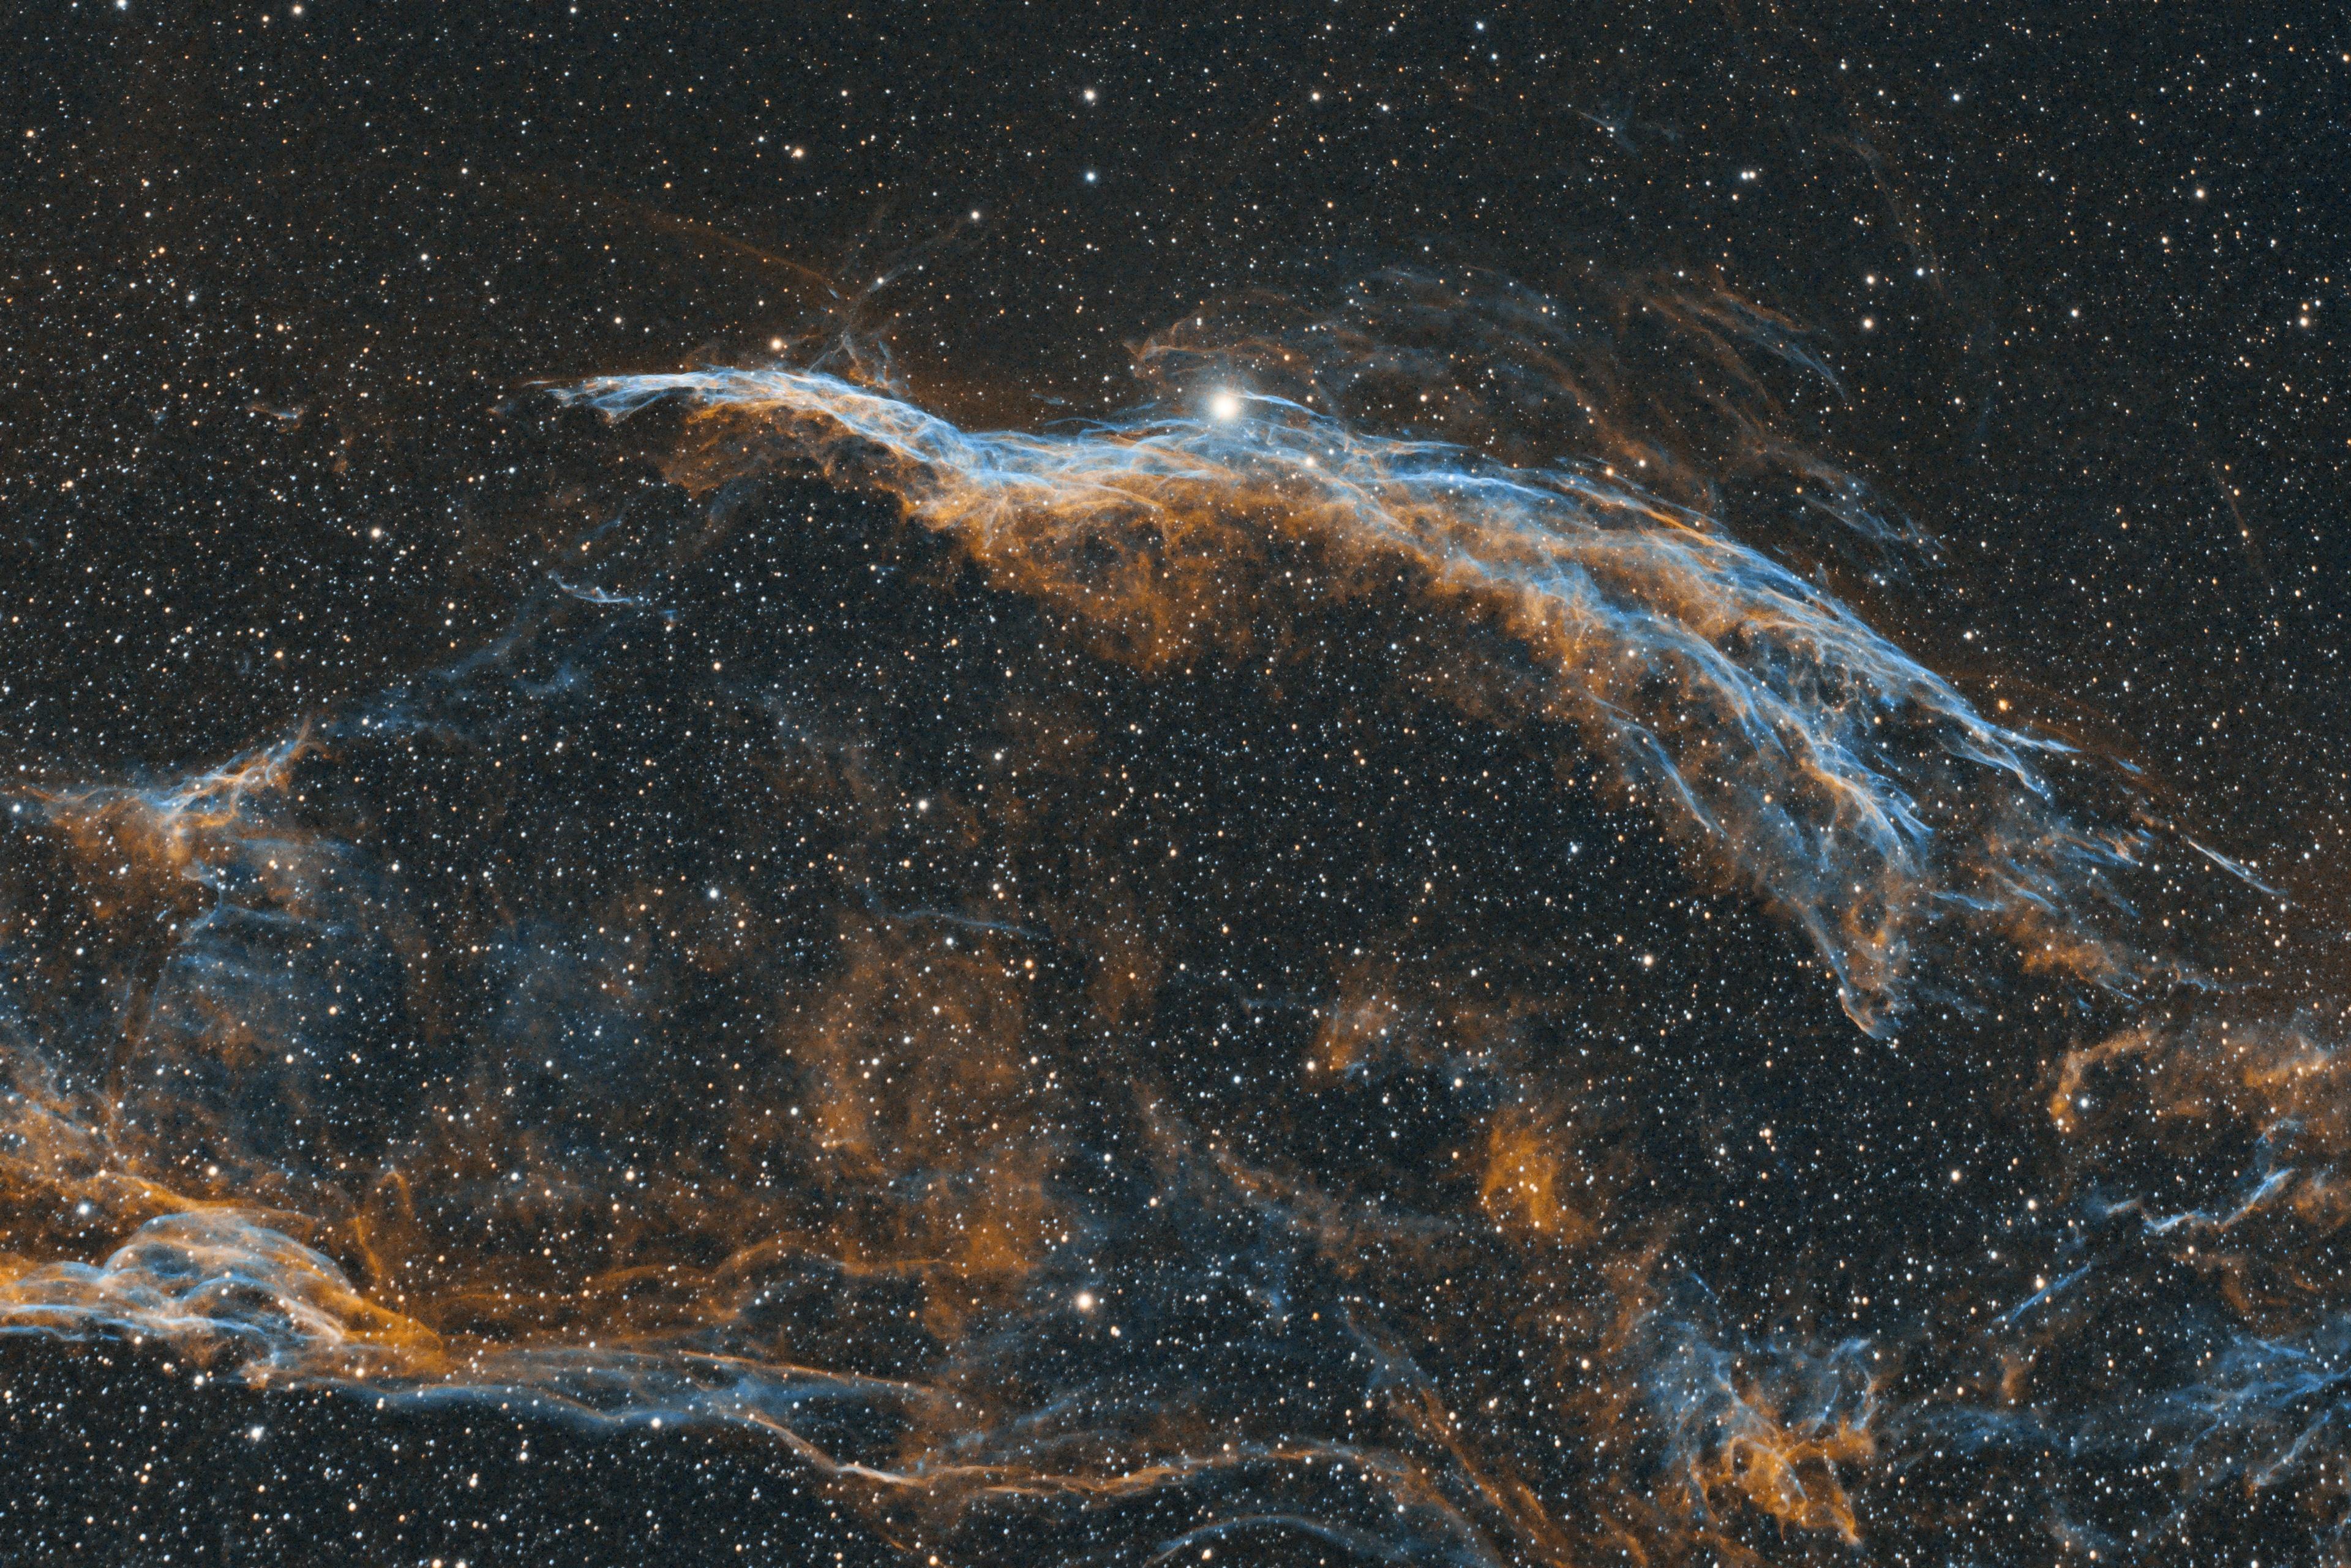 NGC6960_ASIAir_HOO6nm_20x180s_G111_-10deg_c.jpg